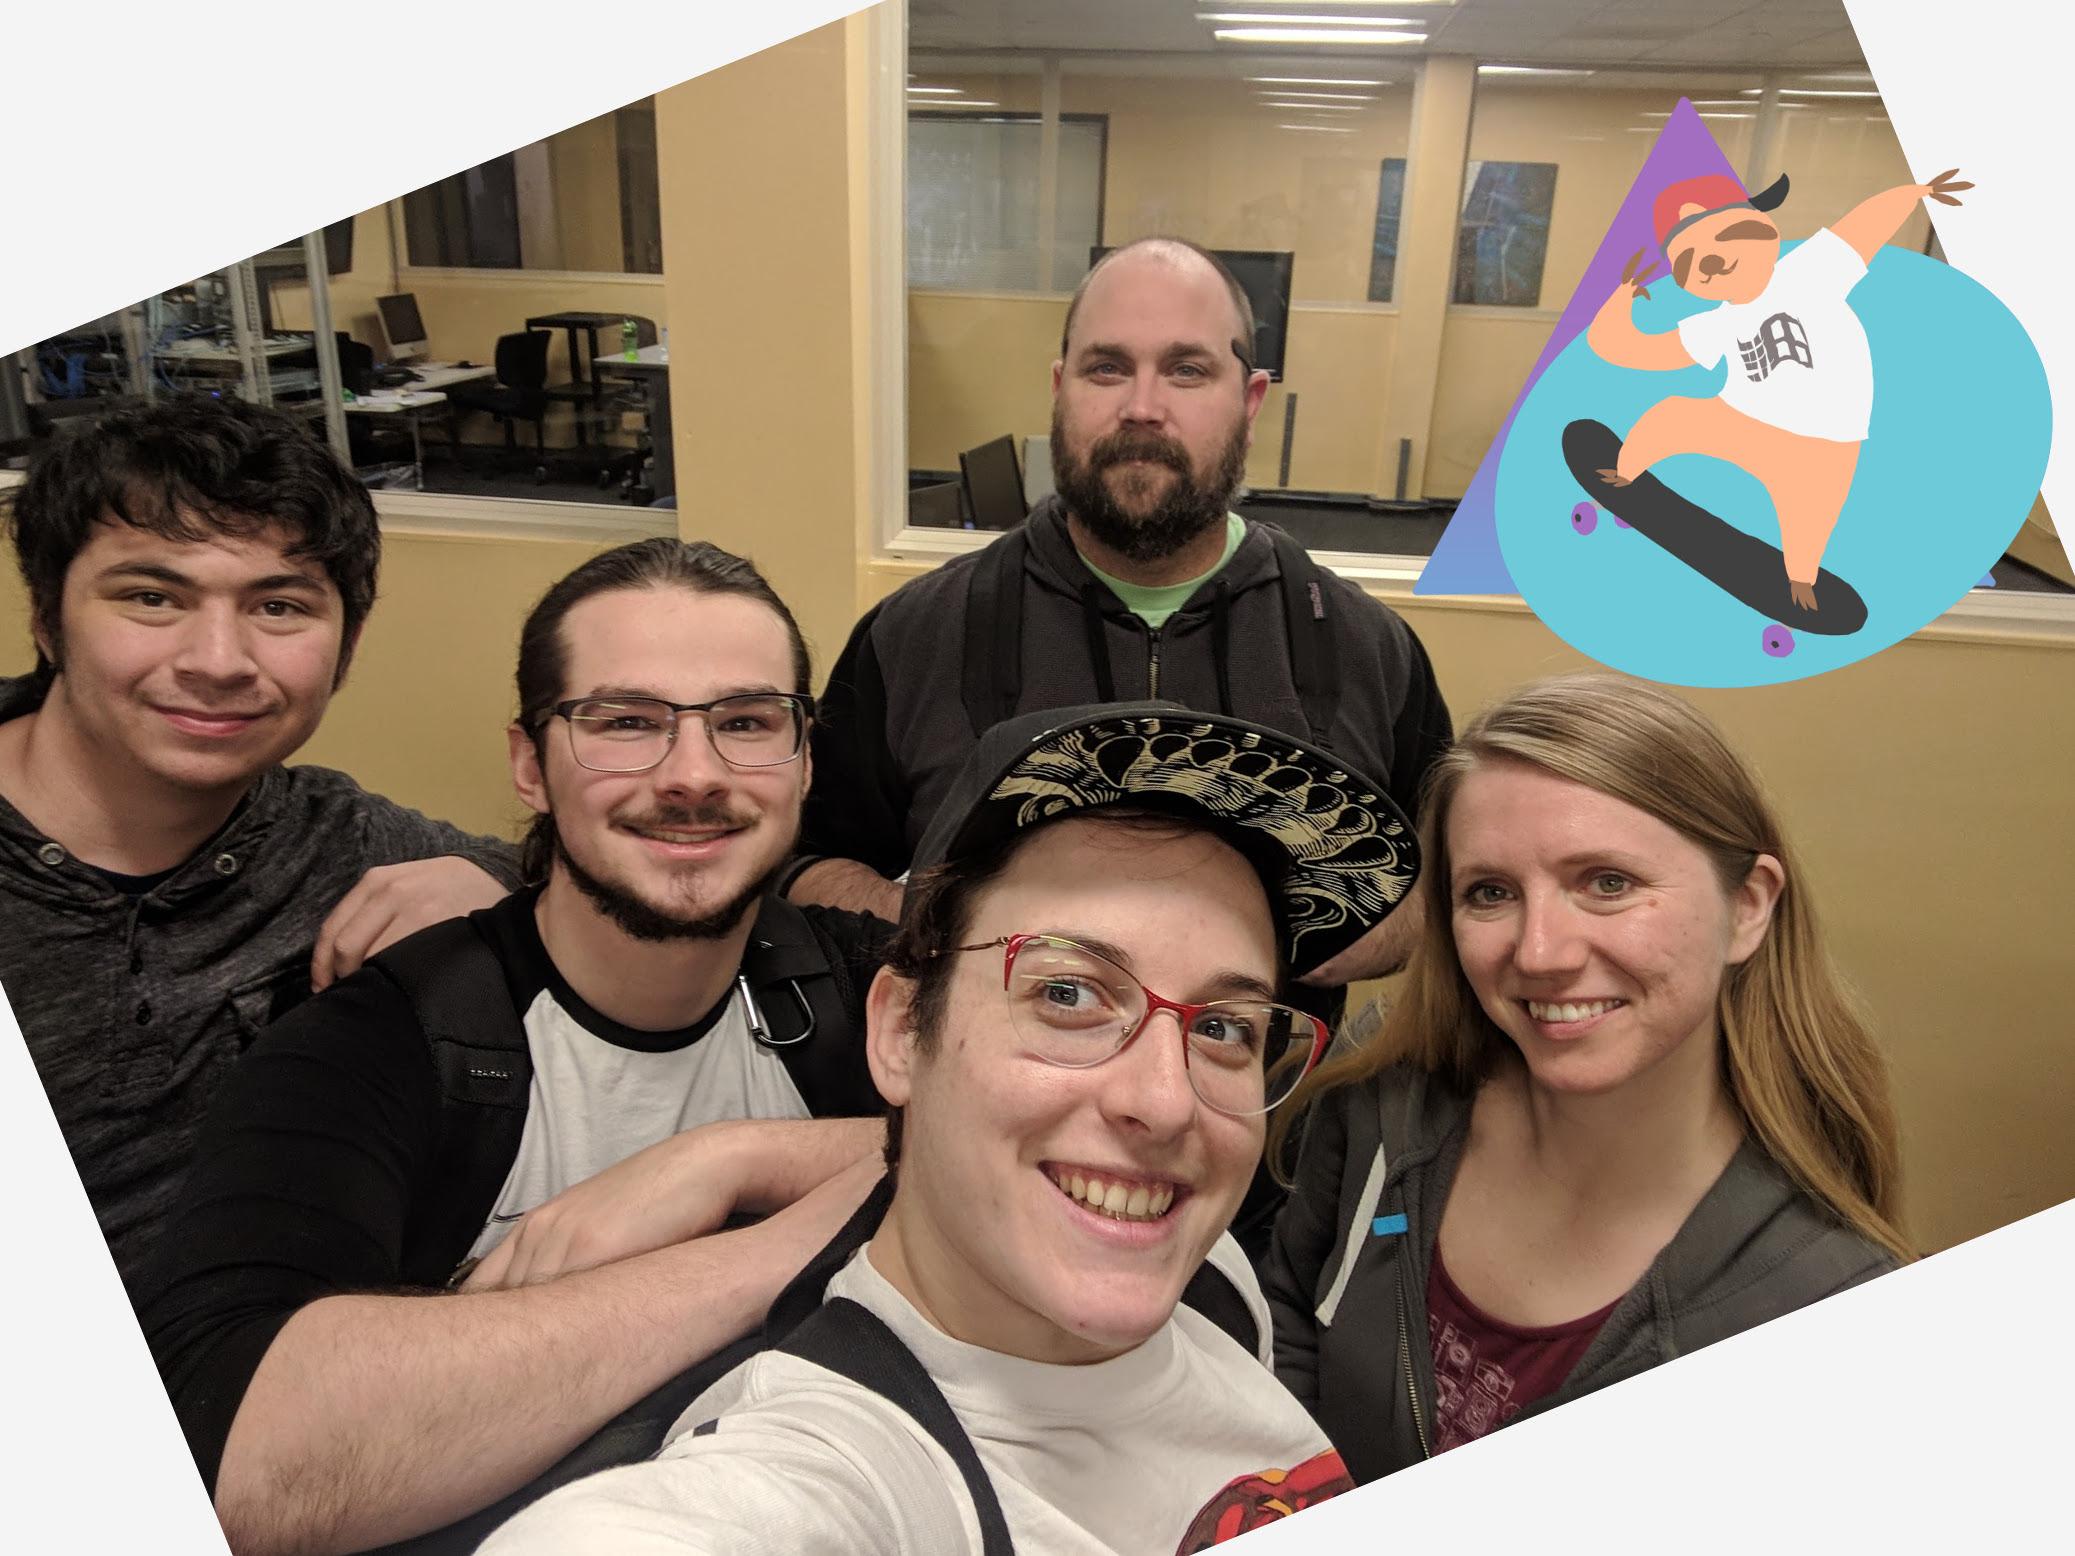 Slothwave Team Photo